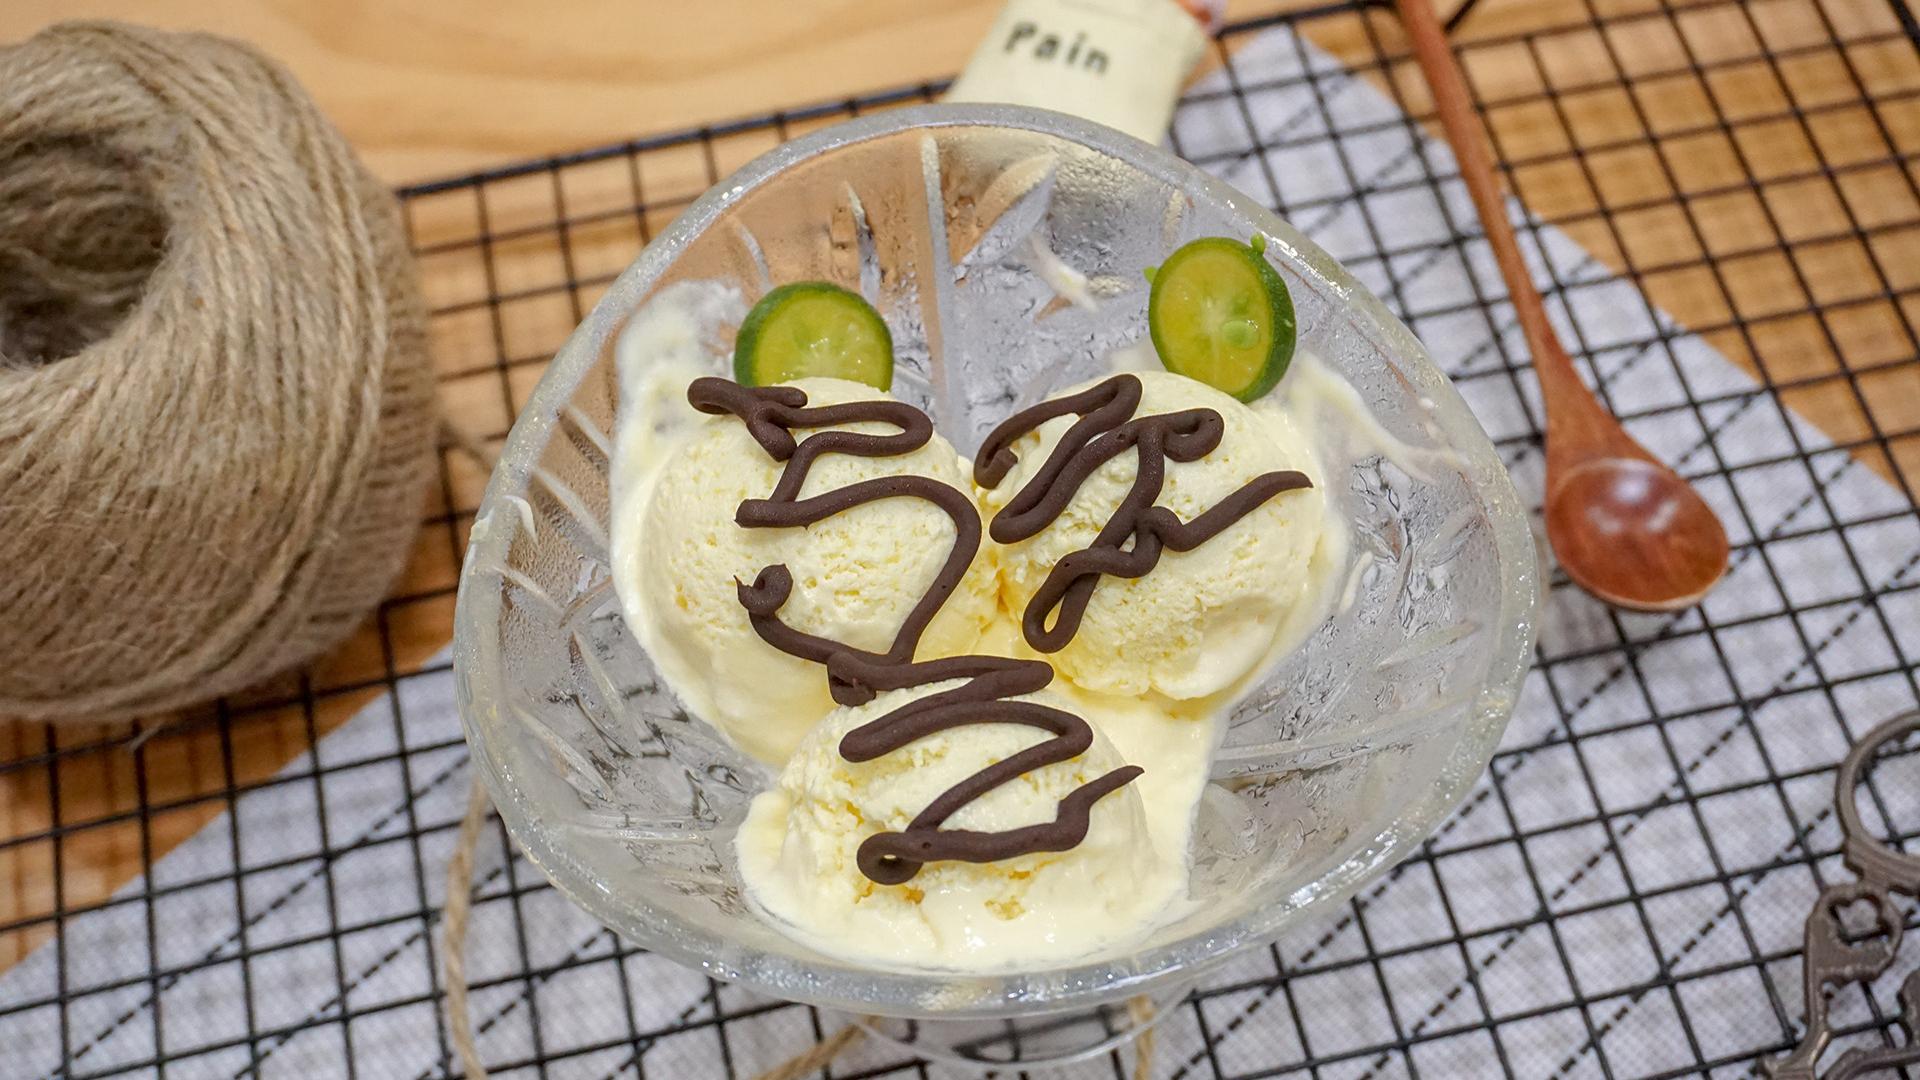 夏天和冰淇淋约会,简单又好吃,加入喜欢的水果,想吃多少做多少